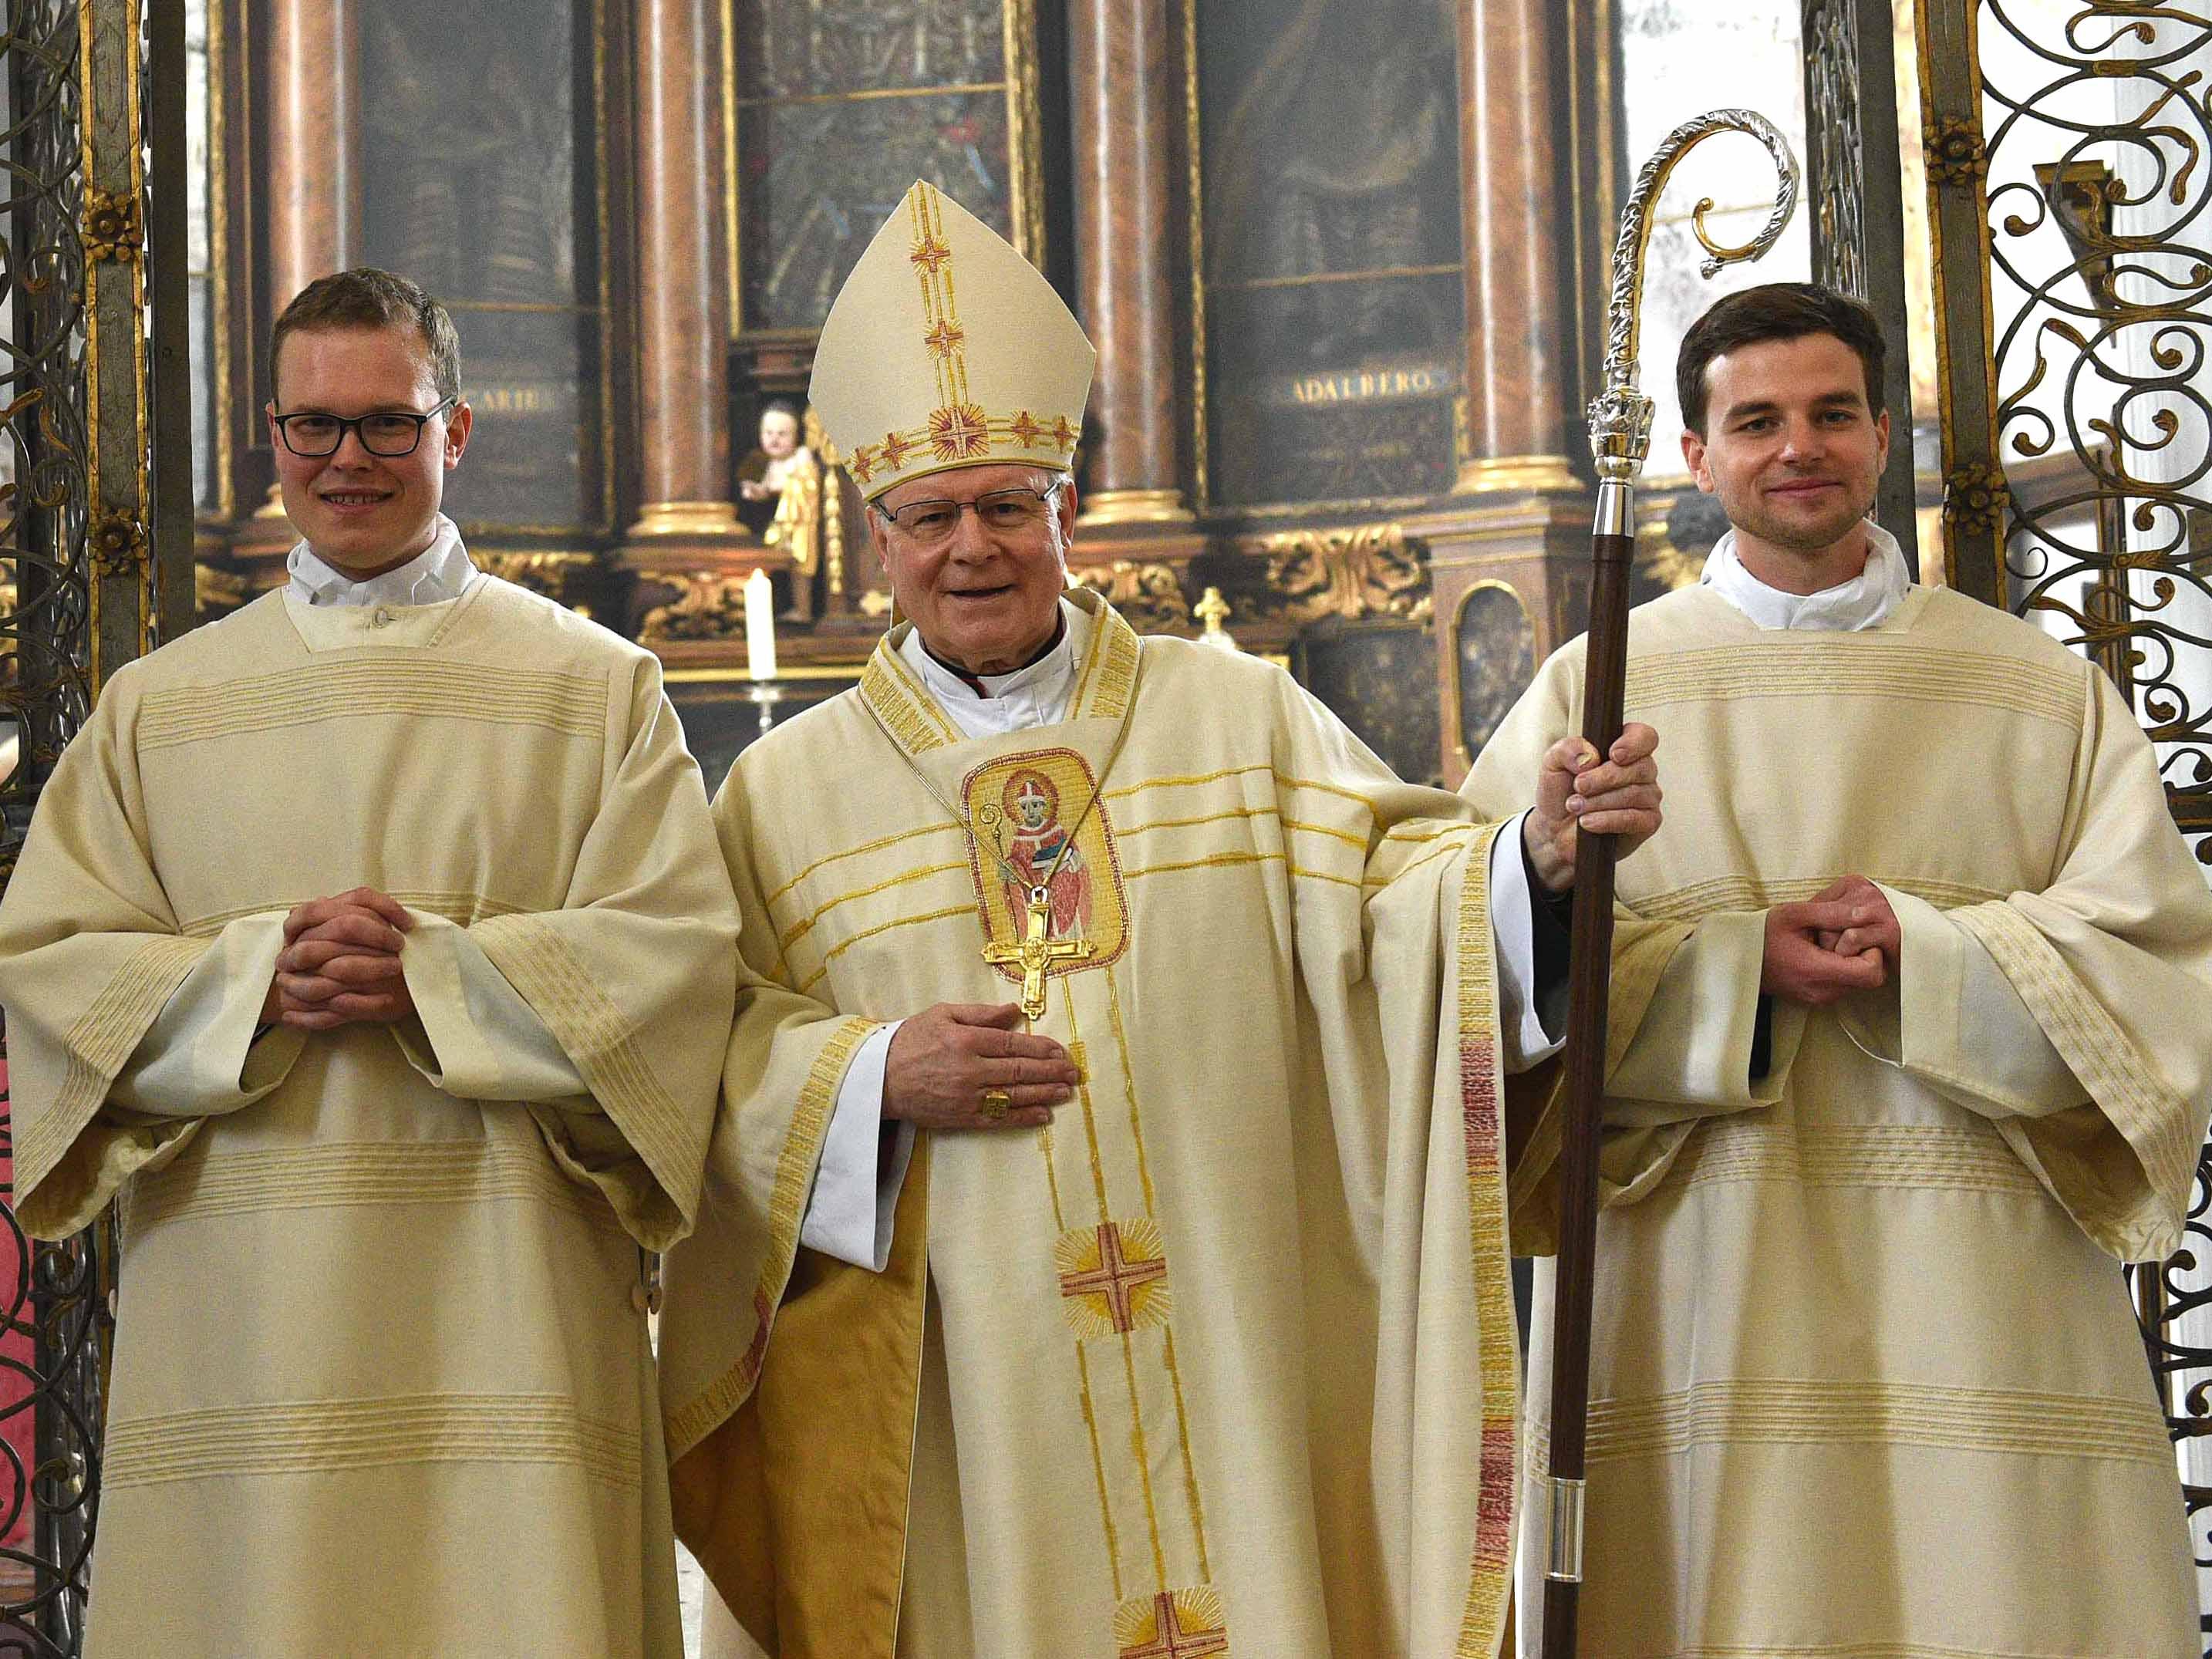 Bischof Dr. Konrad Zdarsa hat heute Ludwig Bolkart (links) und Richard Hörmann (rechts) zu Diakonen geweiht. (Foto: Maria Steber / pba)